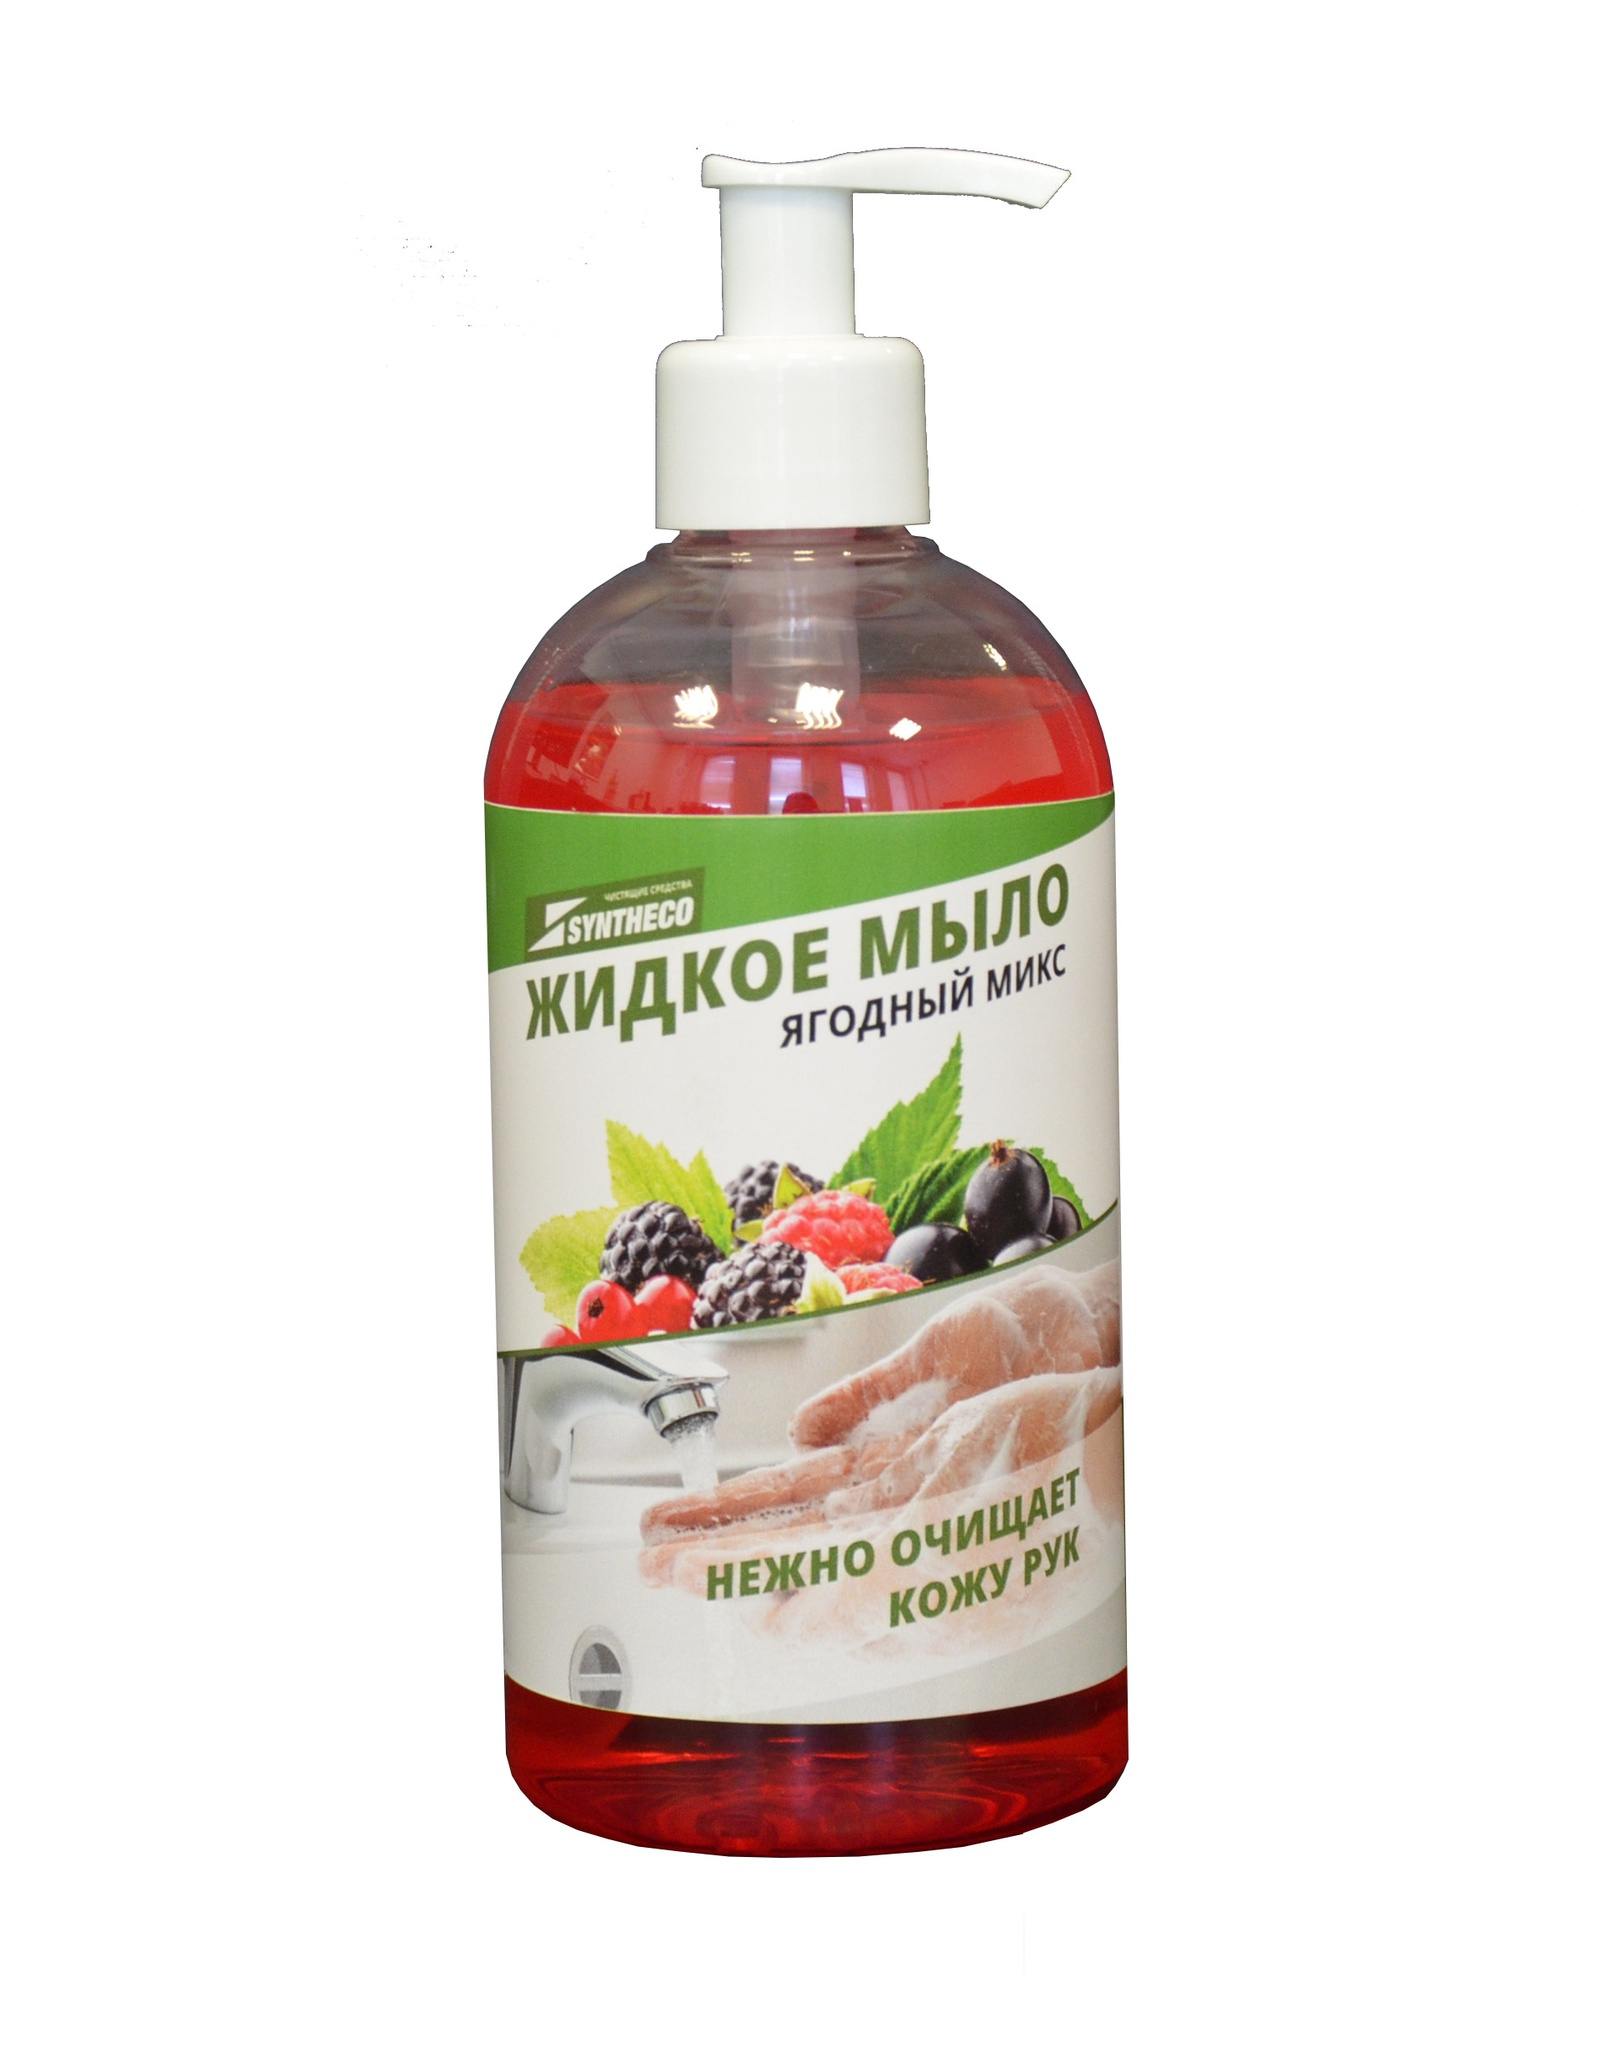 Syntheco Жидкое мыло Ягодный микс, 0,5 кг